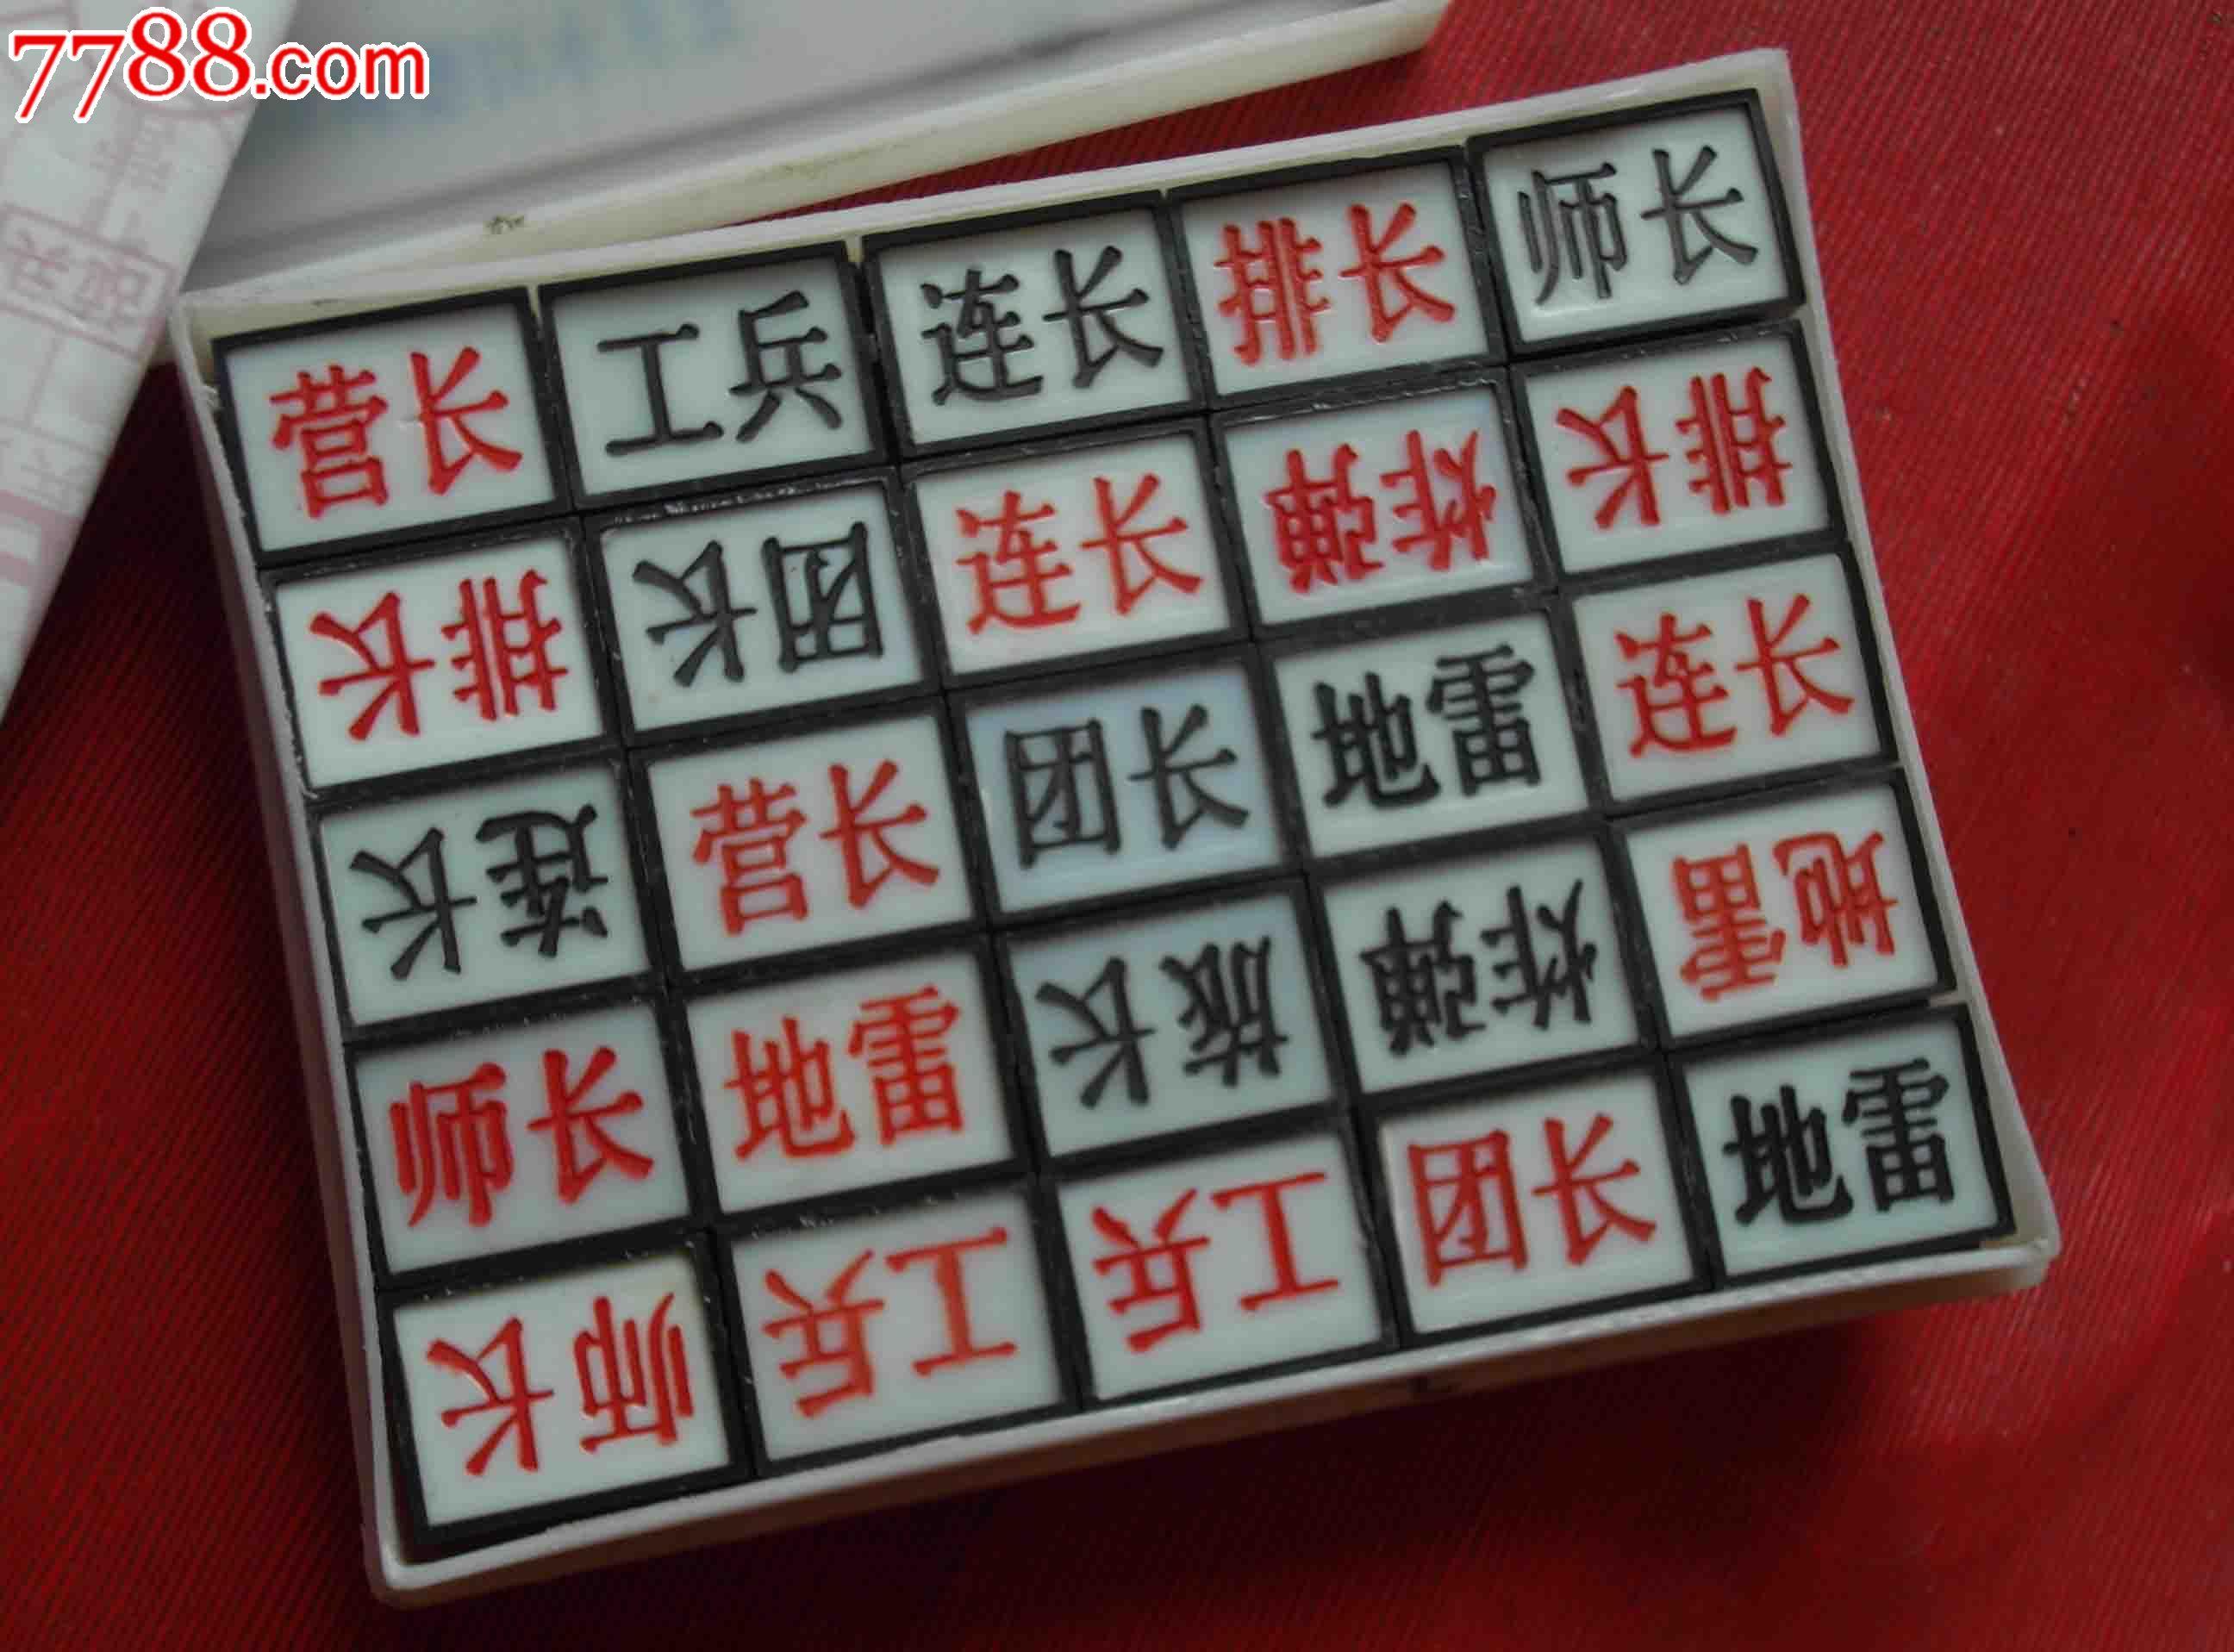 美式足球比分直播美式足球即时比分是一个出生在美国的日本姑娘,曾被父母送到日本完成学业。武雄在他的信中说美式足球即时比分是一个护士,名字叫礼子,美式足球即时比分的老家在日本.九乐棋牌游戏中心下